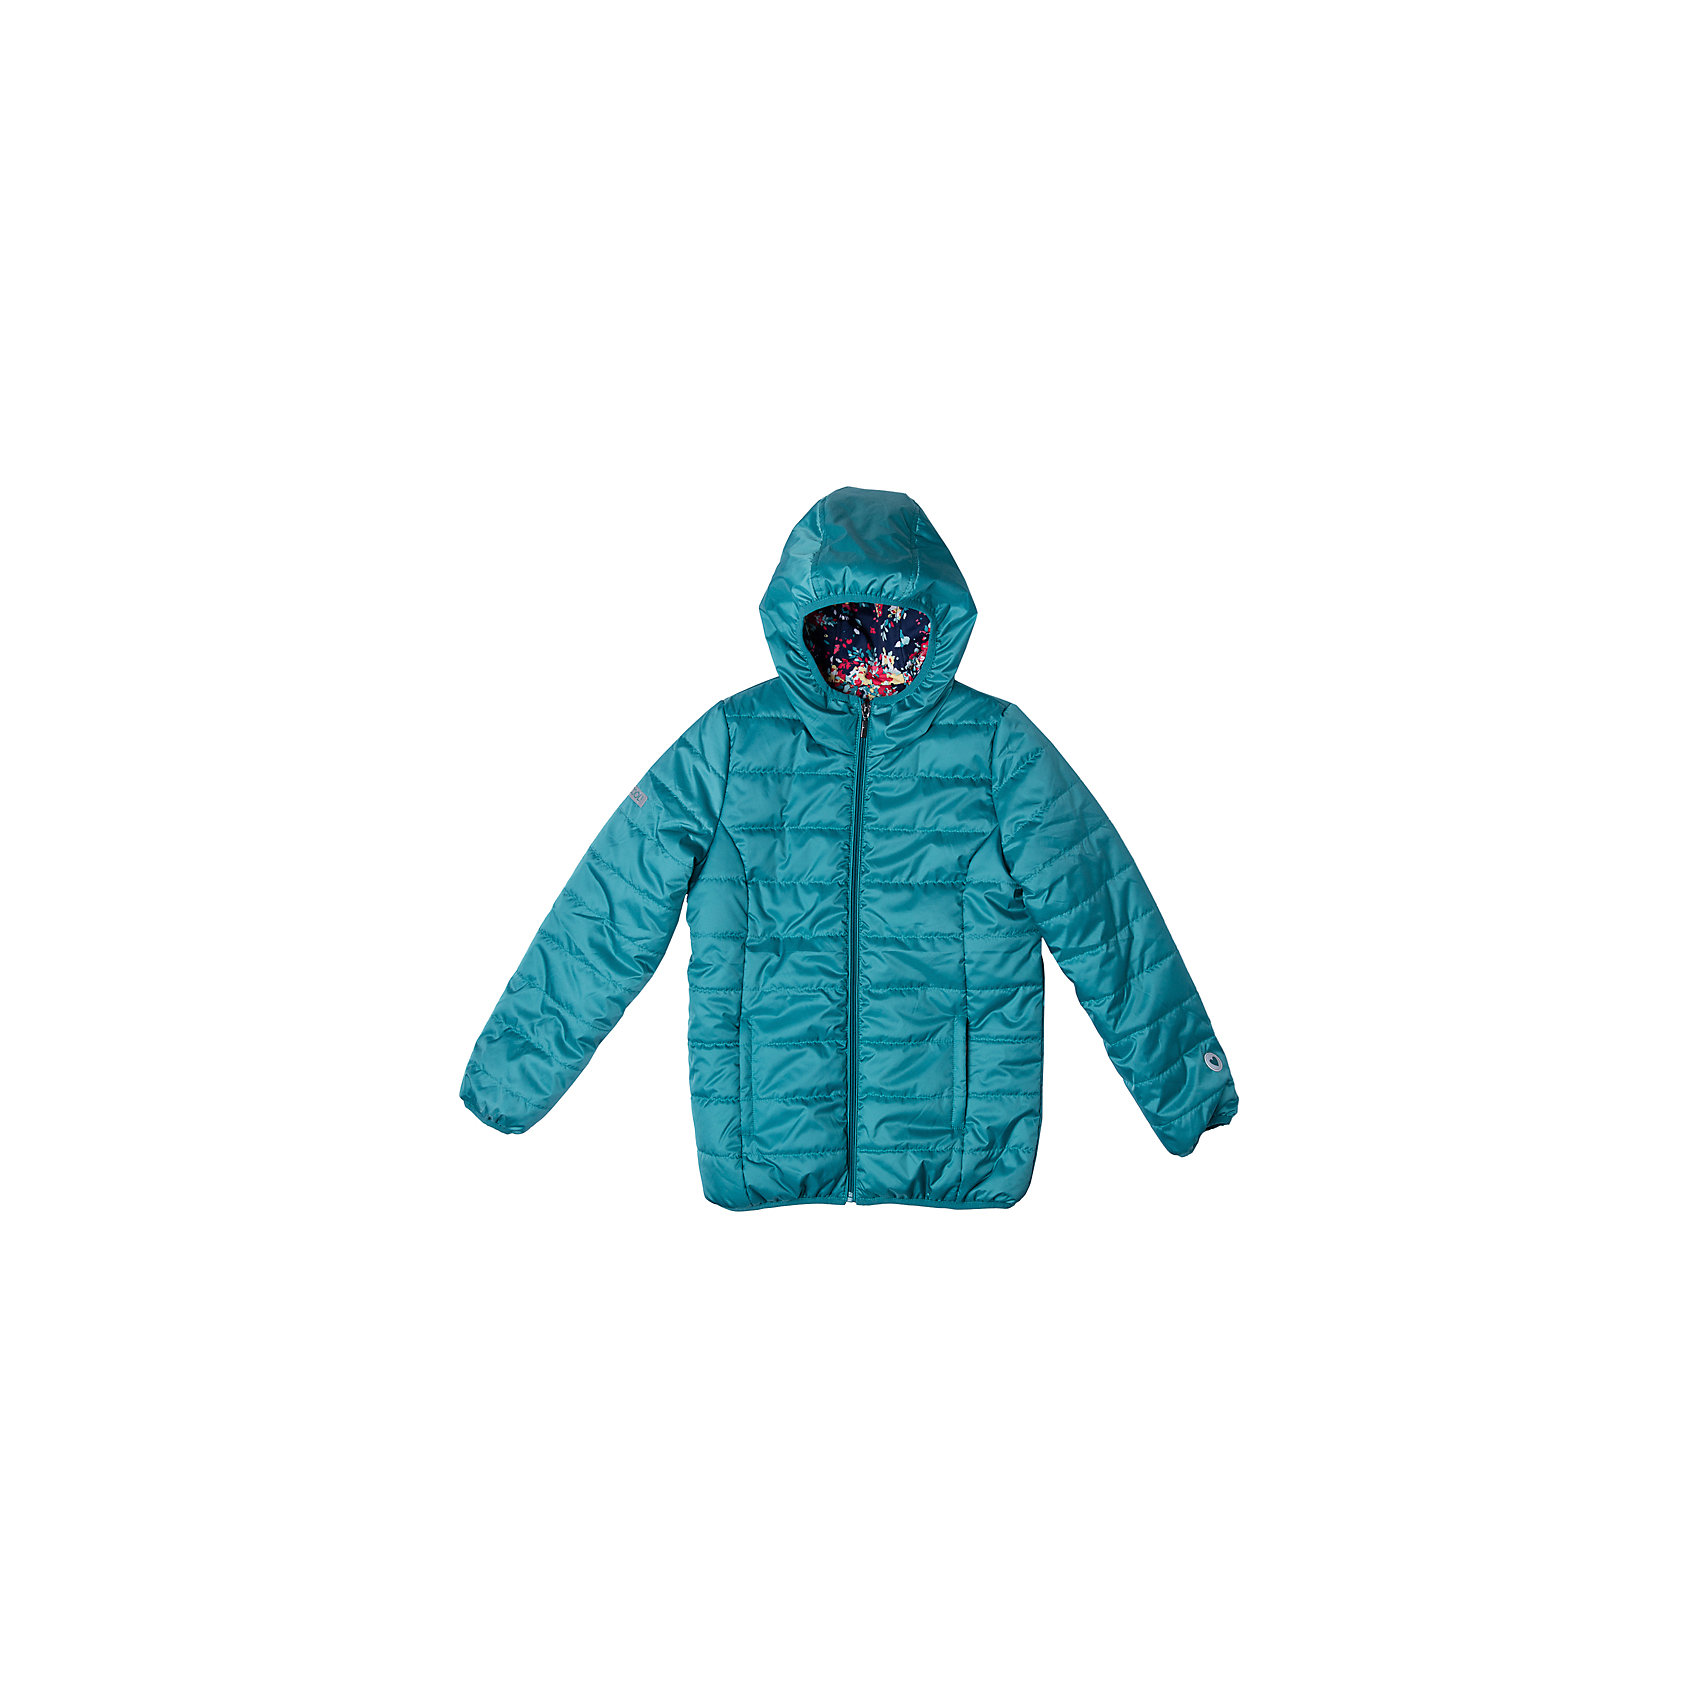 Куртка для девочки ScoolШик и блеск<br>Куртка для девочки Scool<br>Практичная стильная двусторонняя утепленная куртка  - прекрасное решение для прохладной погоды. Мягкие трикотажные резинки на рукавах защитят Вашего ребенка - ветер не сможет проникнуть под куртку.  Светоотражатели по низу изделия и на рукаве позволят видеть Вашего ребенка в темное время суток. Капюшон на мягкой резинке, даже во время сильного ветрра иди активных игр, капюшон не упадет с головы ребенка.Преимущества: Водоооталкивающая пропиткаСветооражательКапюшон на мягкой резинке<br>Состав:<br>Верх: 100% полиэстер, Подкладка: 100% полиэстер, Наполнитель: 100% полиэстер, 150 г/м2<br><br>Ширина мм: 356<br>Глубина мм: 10<br>Высота мм: 245<br>Вес г: 519<br>Цвет: разноцветный<br>Возраст от месяцев: 156<br>Возраст до месяцев: 168<br>Пол: Женский<br>Возраст: Детский<br>Размер: 164,134,140,146,152,158<br>SKU: 5406855